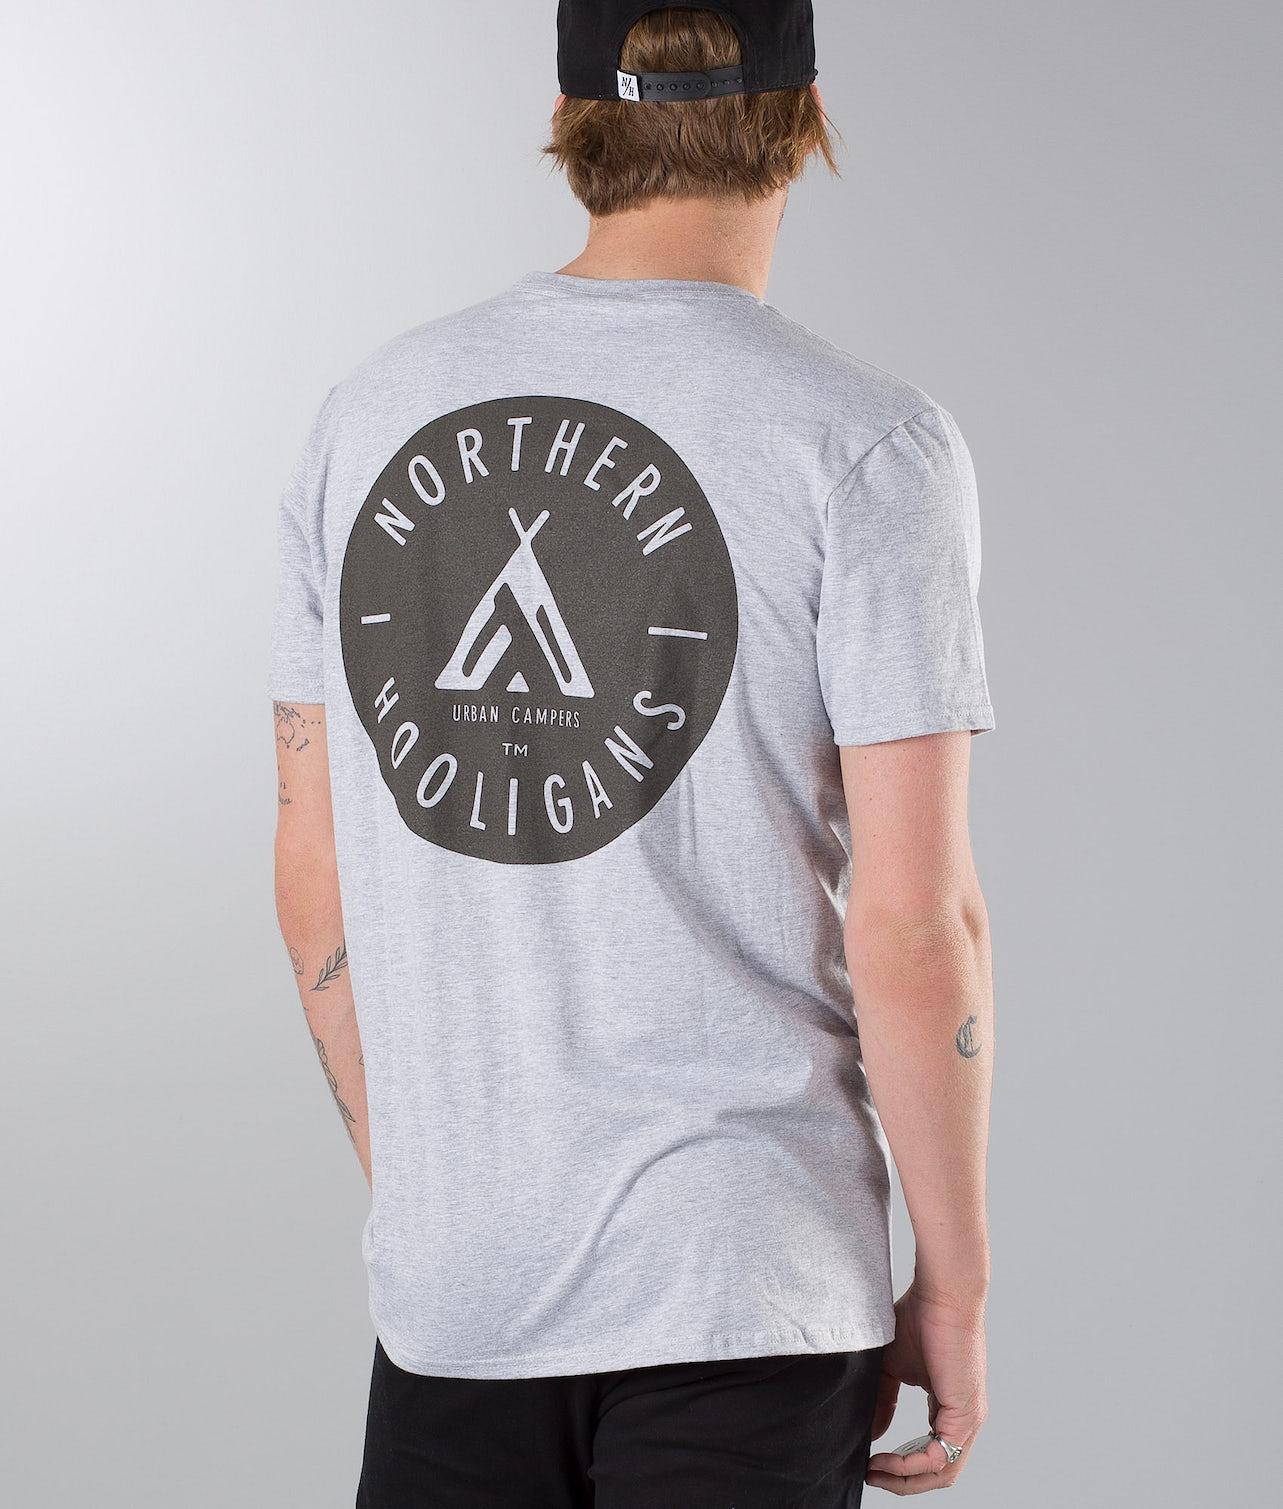 Kjøp Urban Campers T-shirt fra Northern Hooligans på Ridestore.no - Hos oss har du alltid fri frakt, fri retur og 30 dagers åpent kjøp!